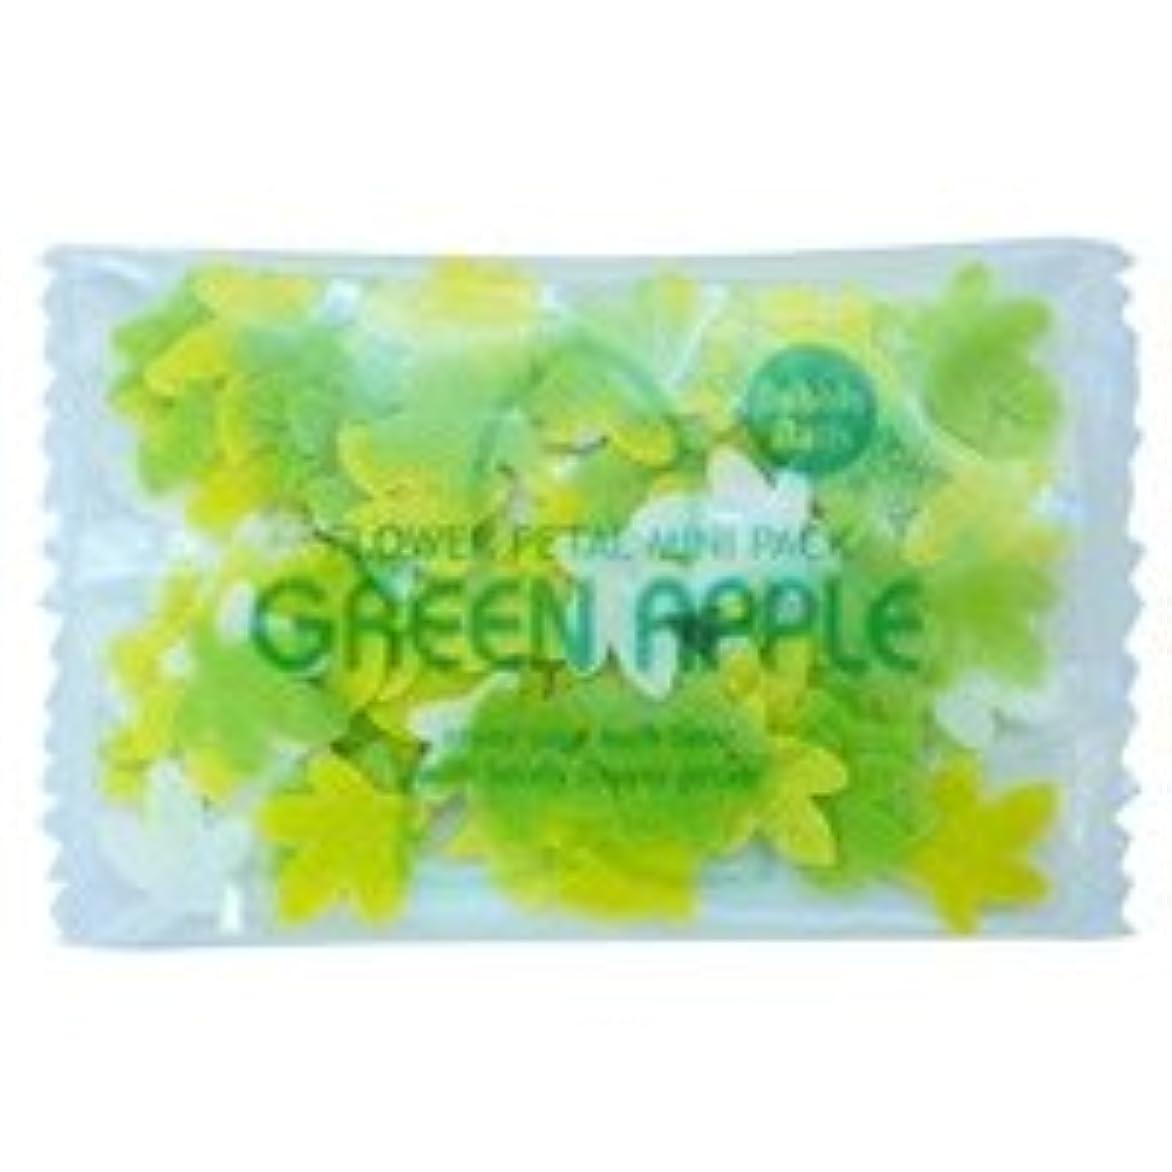 真向こう何でも水銀のフラワーペタル バブルバス ミニパック「グリーンアップル」20個セット ストレスから解放されたい日に疲れた心を解きほぐしてくれるフレッシュなグリーンアップルの香り